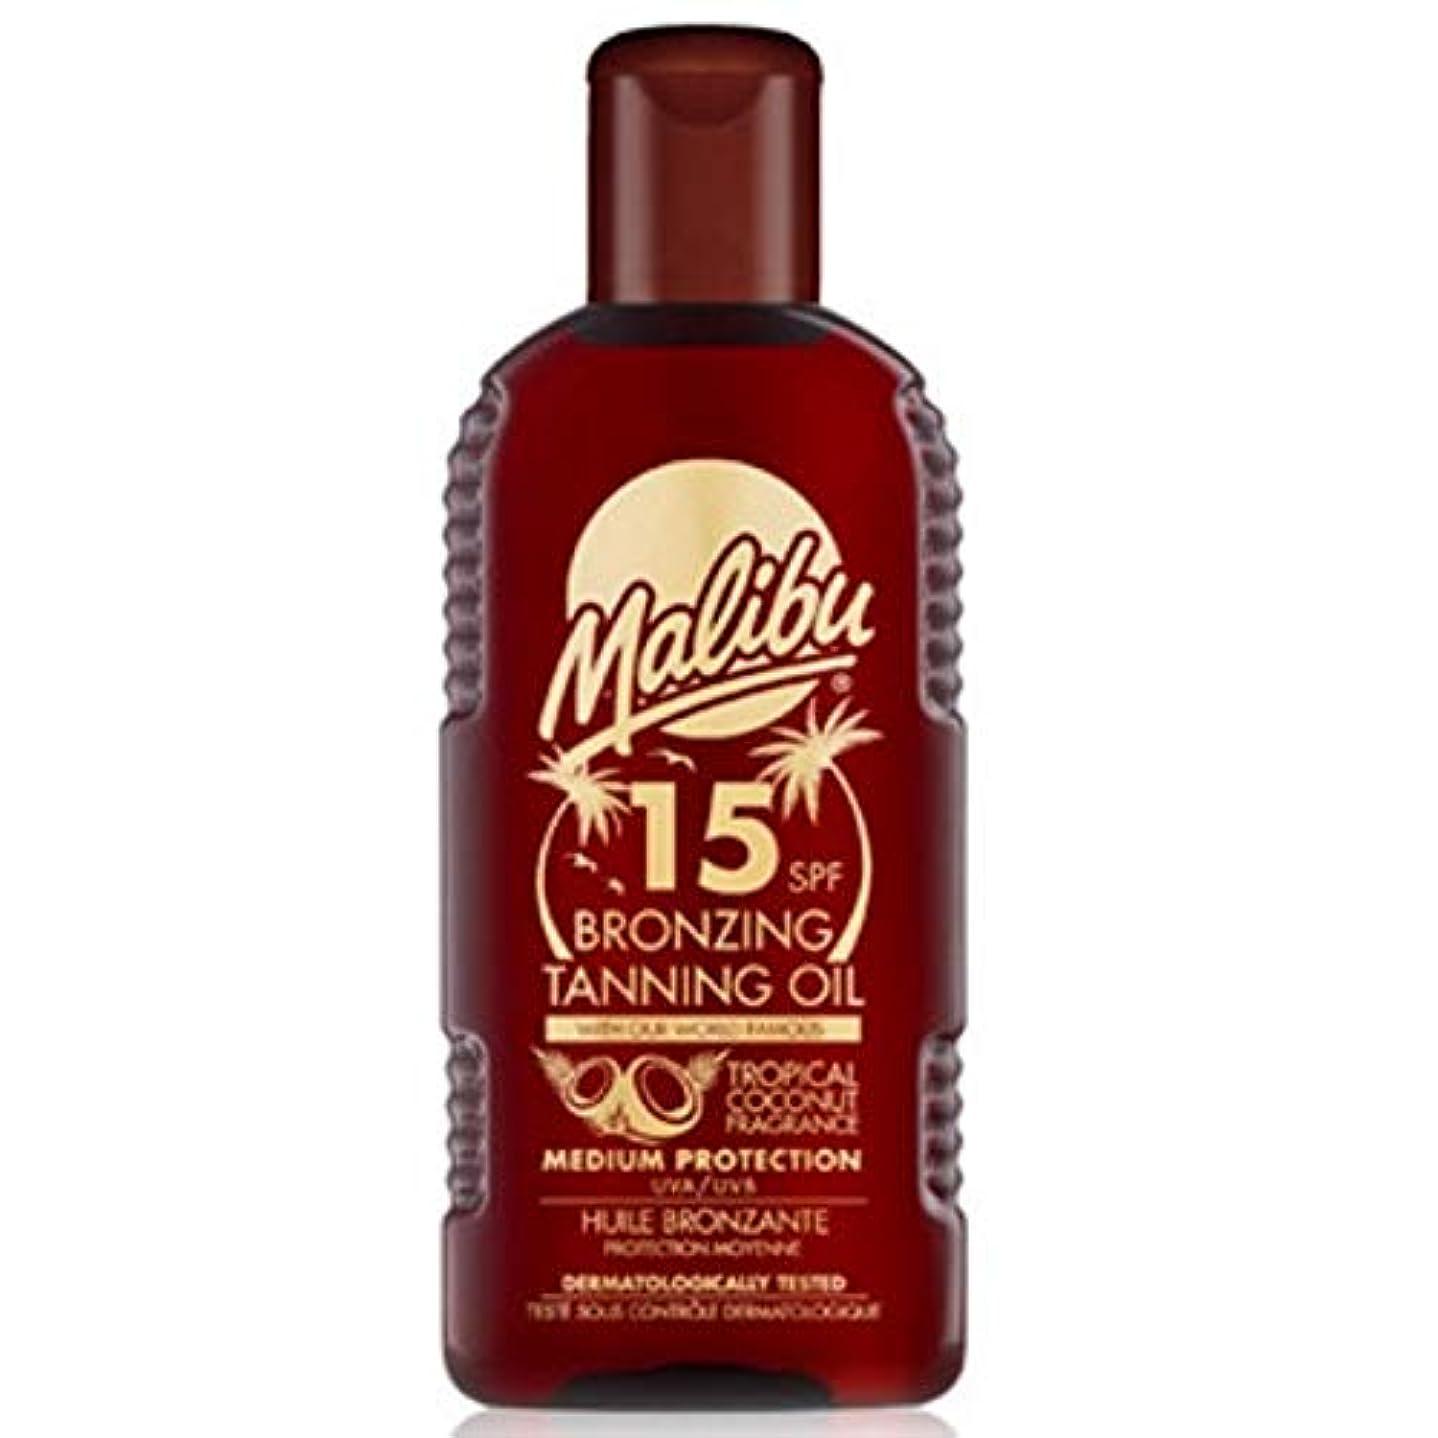 成功体系的にフォーカス[Malibu ] マリブブロンズ日焼けオイルSpf 15 - Malibu Bronzing Tanning Oil SPF 15 [並行輸入品]